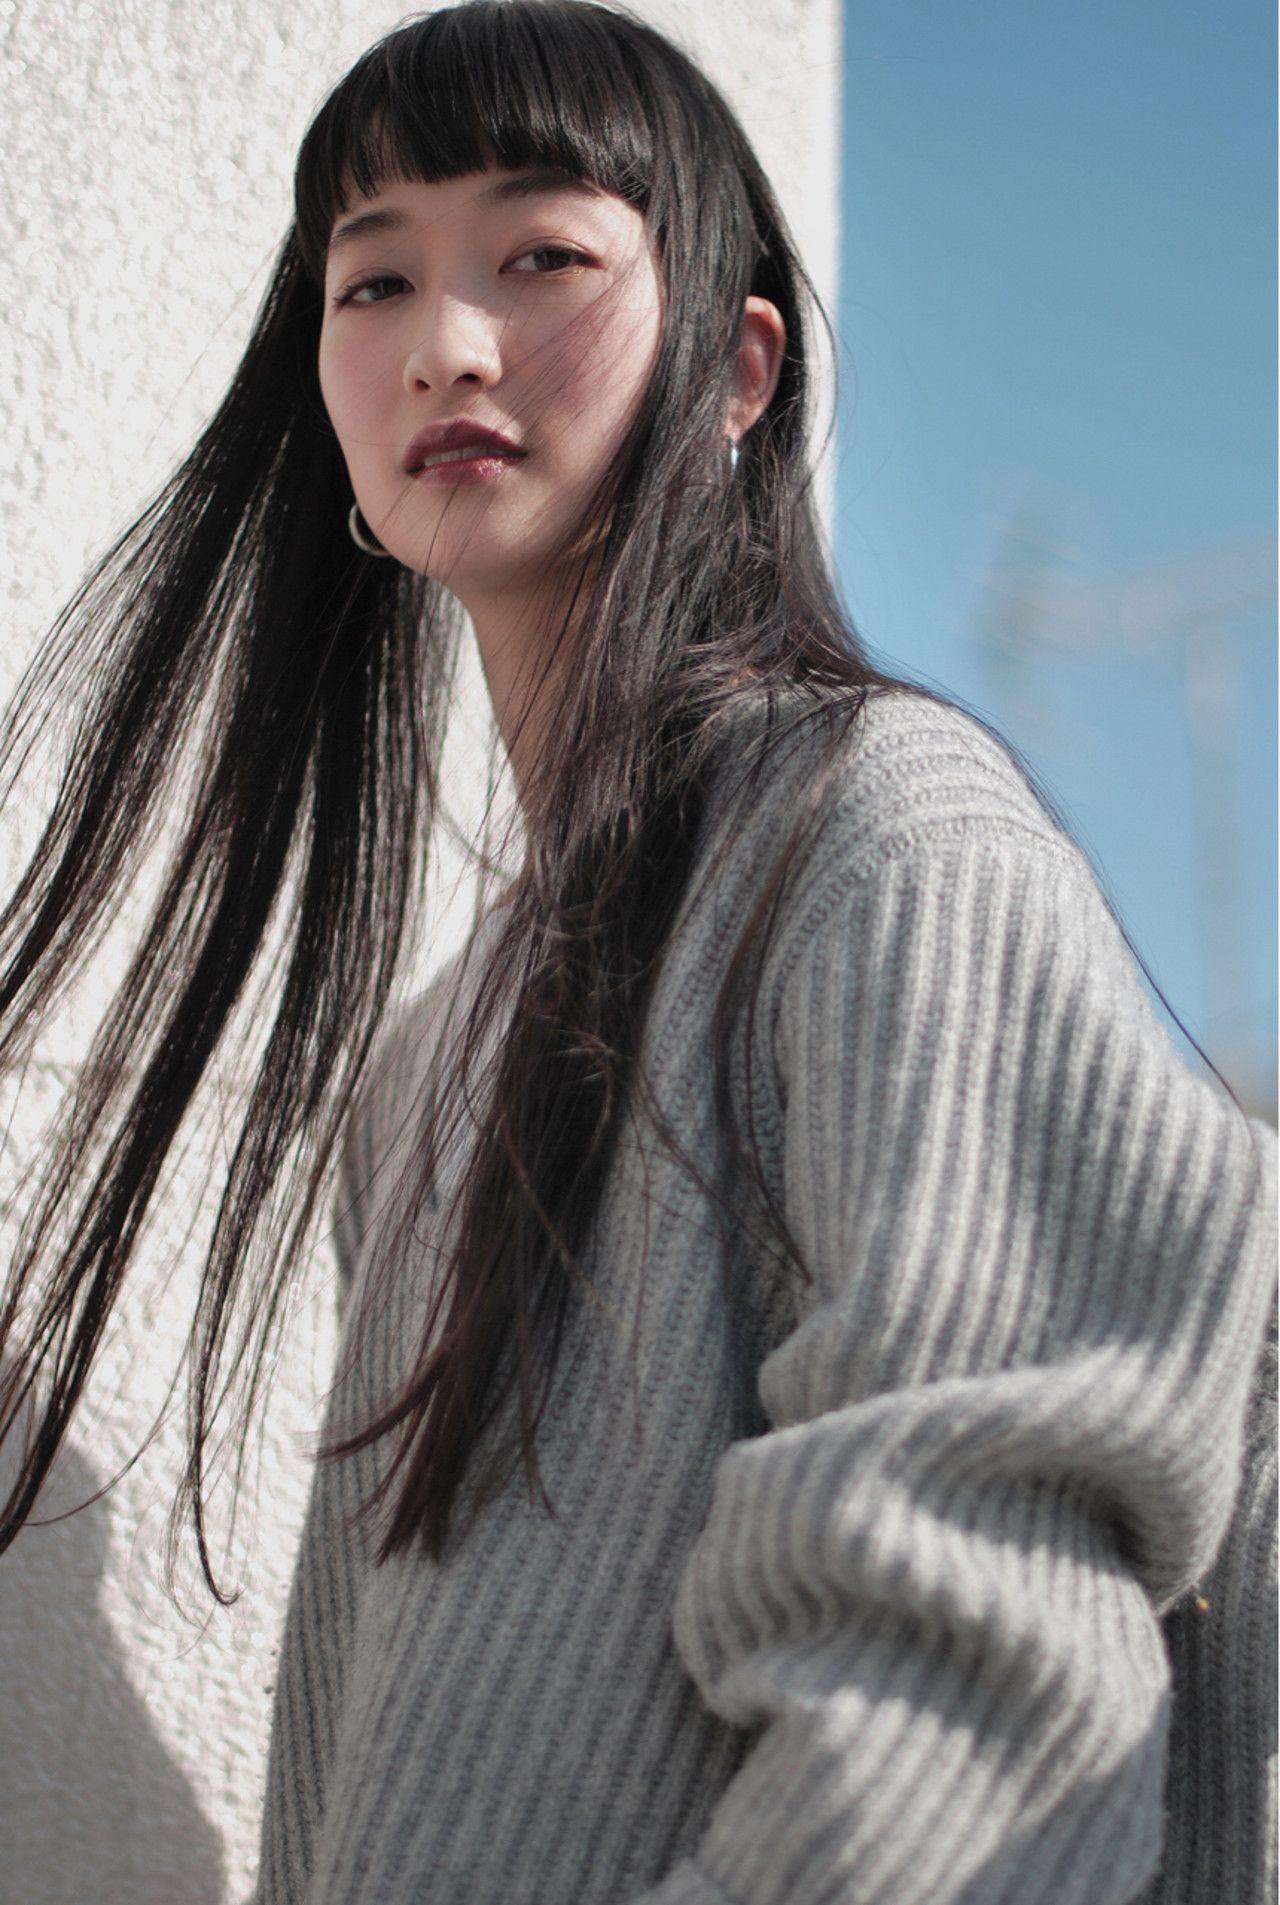 黒髪でも垢抜ける 地味にならないおしゃれな黒髪とは Hair ヘアスタイル 前髪ありヘア 黒髪 ロング ストレート